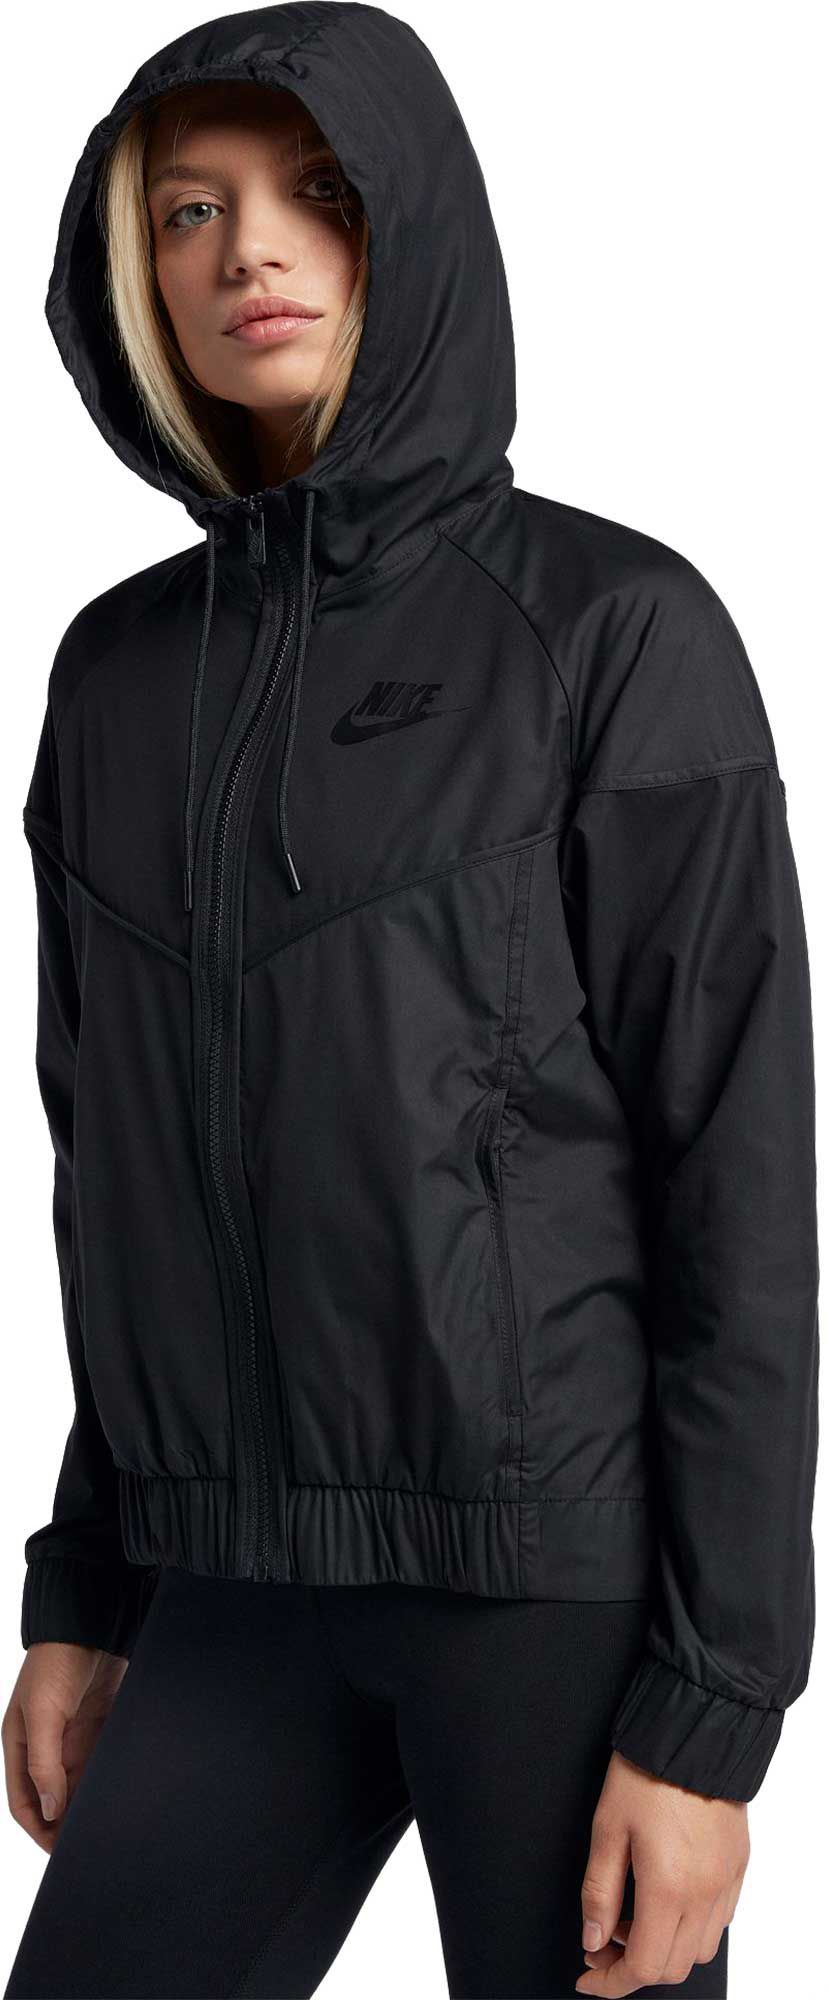 049c21d1e Nike Women's Sportswear Windrunner Jacket in 2019 | Products ...